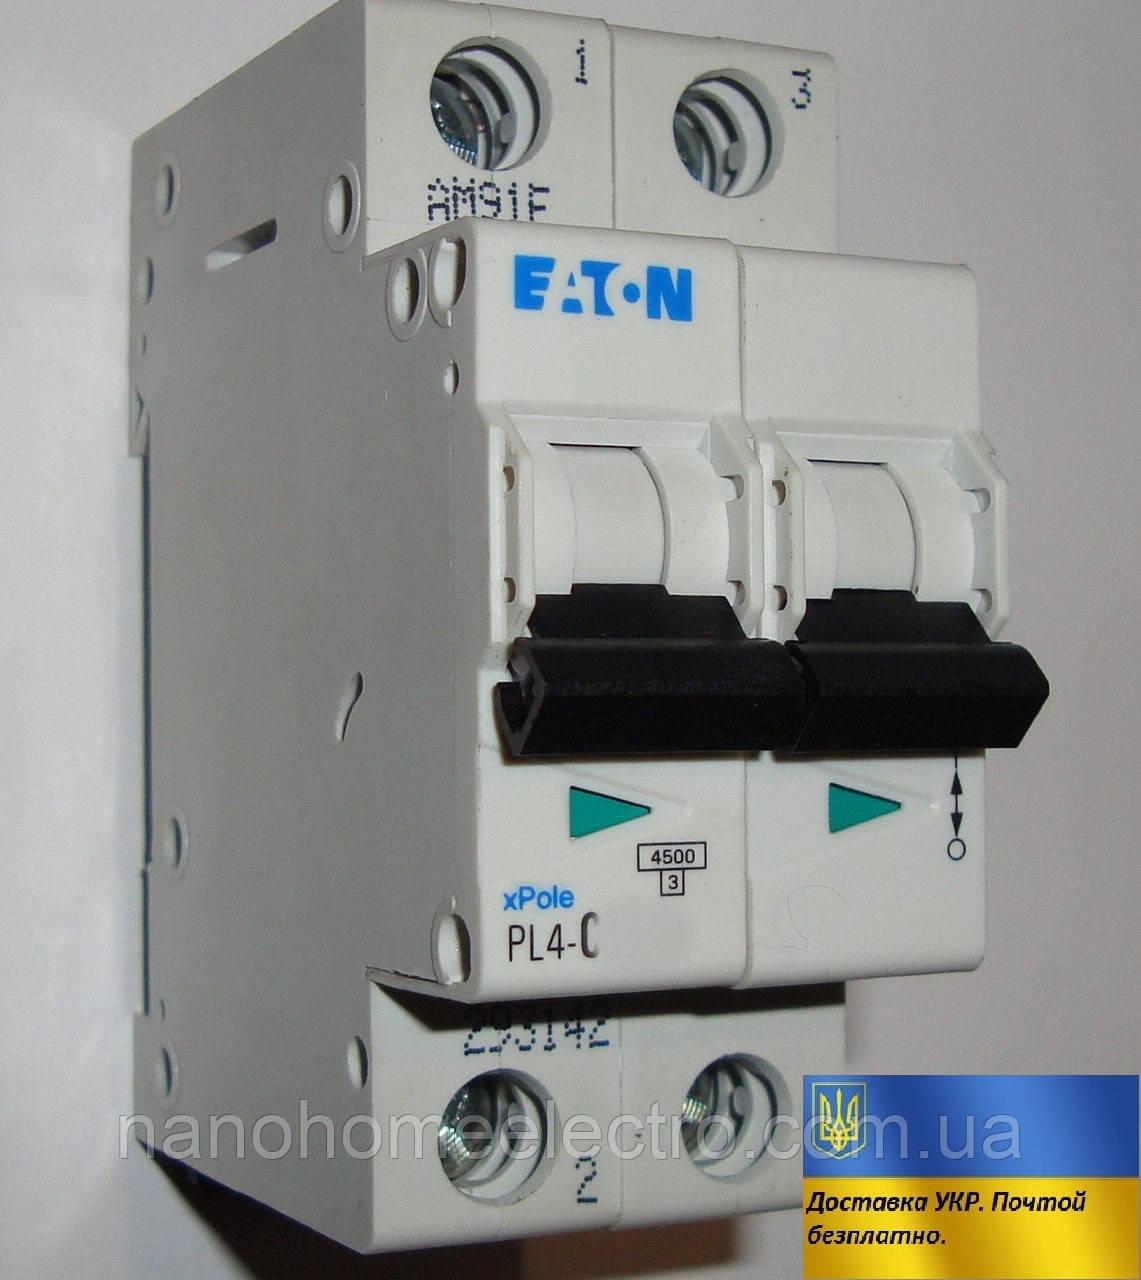 Автоматический выключатель Eaton-Moeller PL4-C 2P 40A  - NanohomeElectro в Днепре